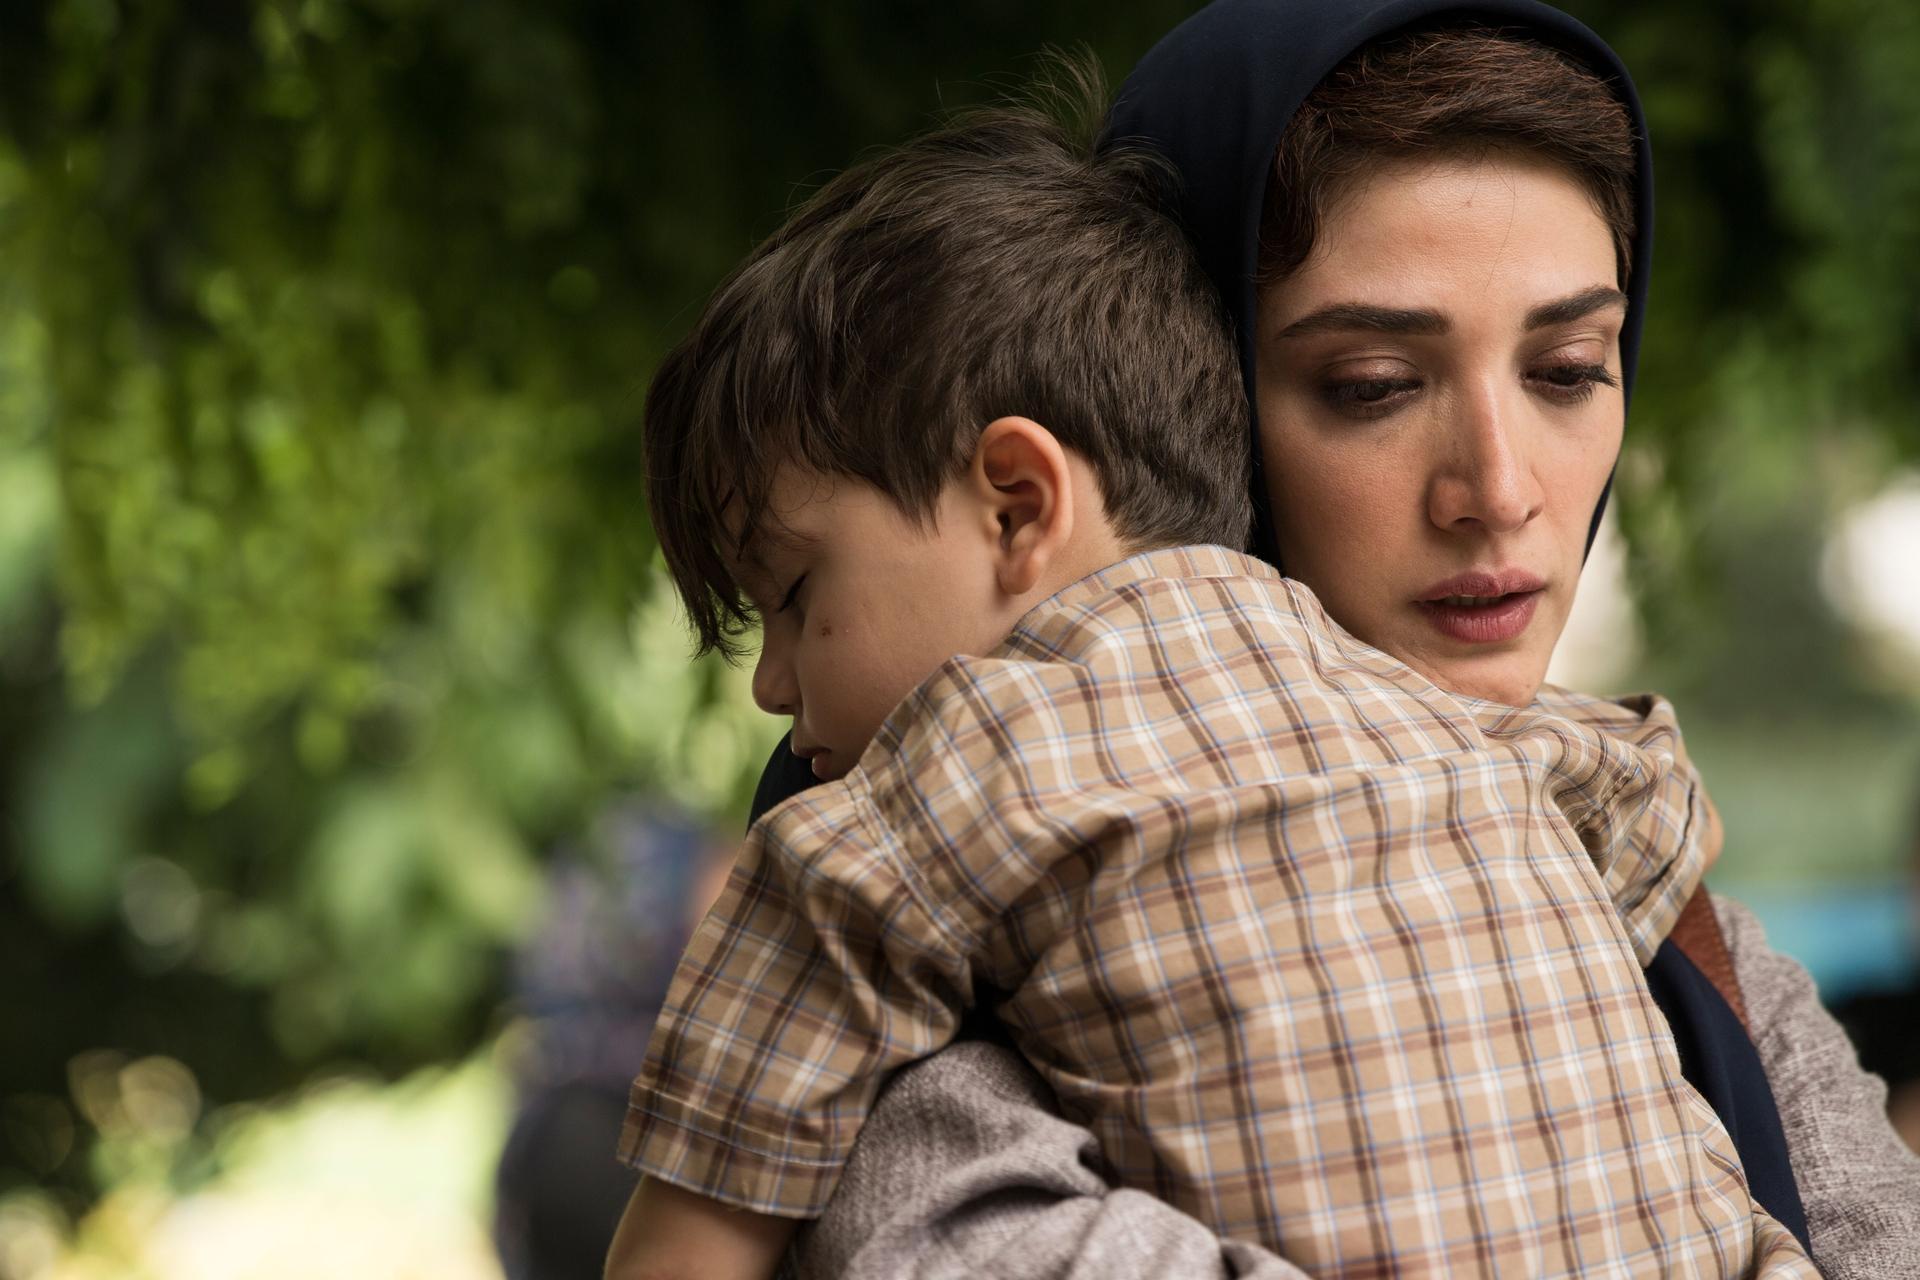 فیلم سینمایی تابستان داغ با حضور مینا ساداتی